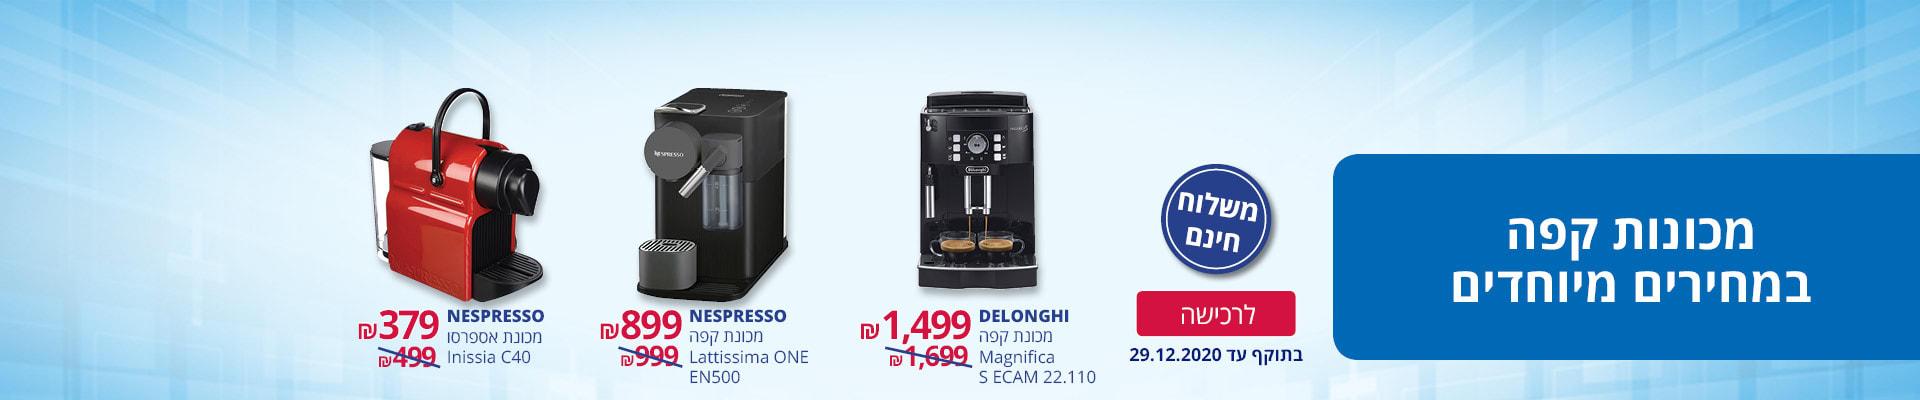 מגוון מכונות קפה במחירים מיוחדים ומשלוח חינם: NESPRESSO מכונת קפה EN500 Lattissima ONE ב-899 ₪,  NESPRESSO מכונת אספרסו Inissia C40 ב- 379 ₪, DELONGHI מכונת קפה Magnifica S ECAM 22.110 ב- 1499 ₪.. בתוקף: עד 29.12.2020